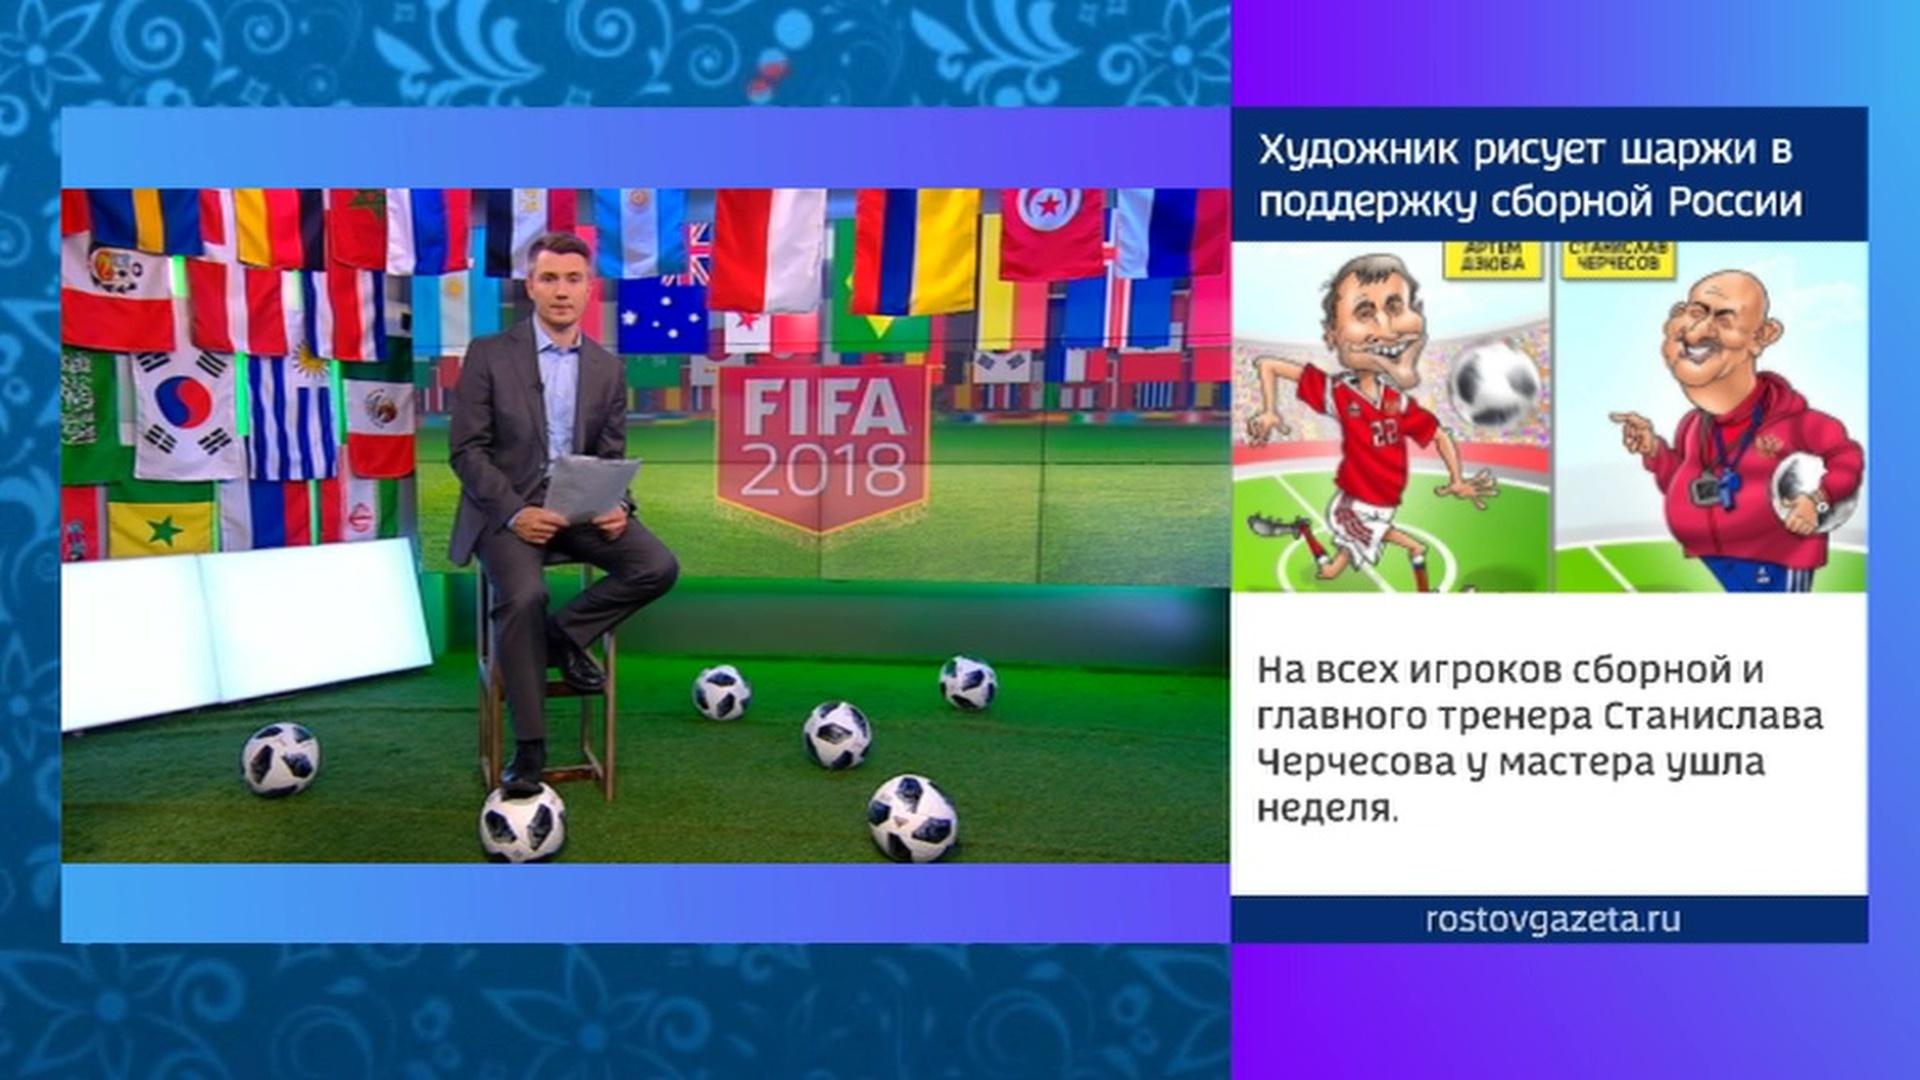 Известны шесть участников плей-офф чемпионата мира